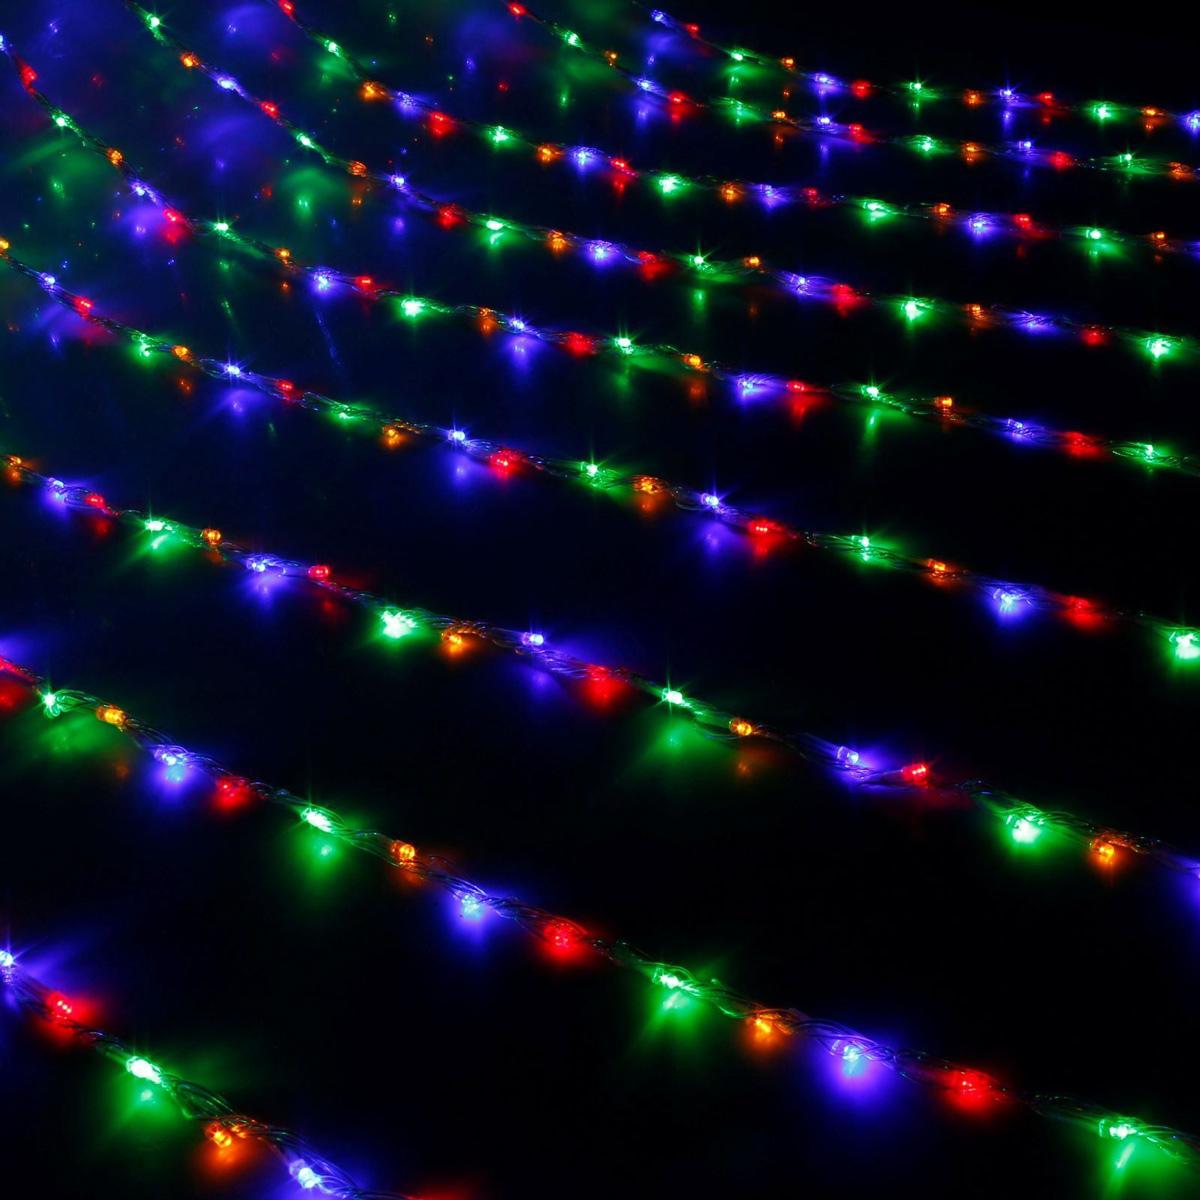 Гирлянда светодиодная Luazon Дождь, уличная, 8 режимов, 400 ламп, 220 V, цвет: мультиколор, 2 х 1,5 м. 671675671675Гирлянда светодиодная Дождь - это отличный вариант для новогоднего оформления интерьера или фасада. С ее помощью помещение любого размера можно превратить в праздничный зал, а внешние элементы зданий, украшенные гирляндой, мгновенно станут напоминать очертания сказочного дворца. Такое украшение создаст ауру предвкушения чуда. Деревья, фасады, витрины, окна и арки будто специально созданы, чтобы вы украсили их светящимися нитями.